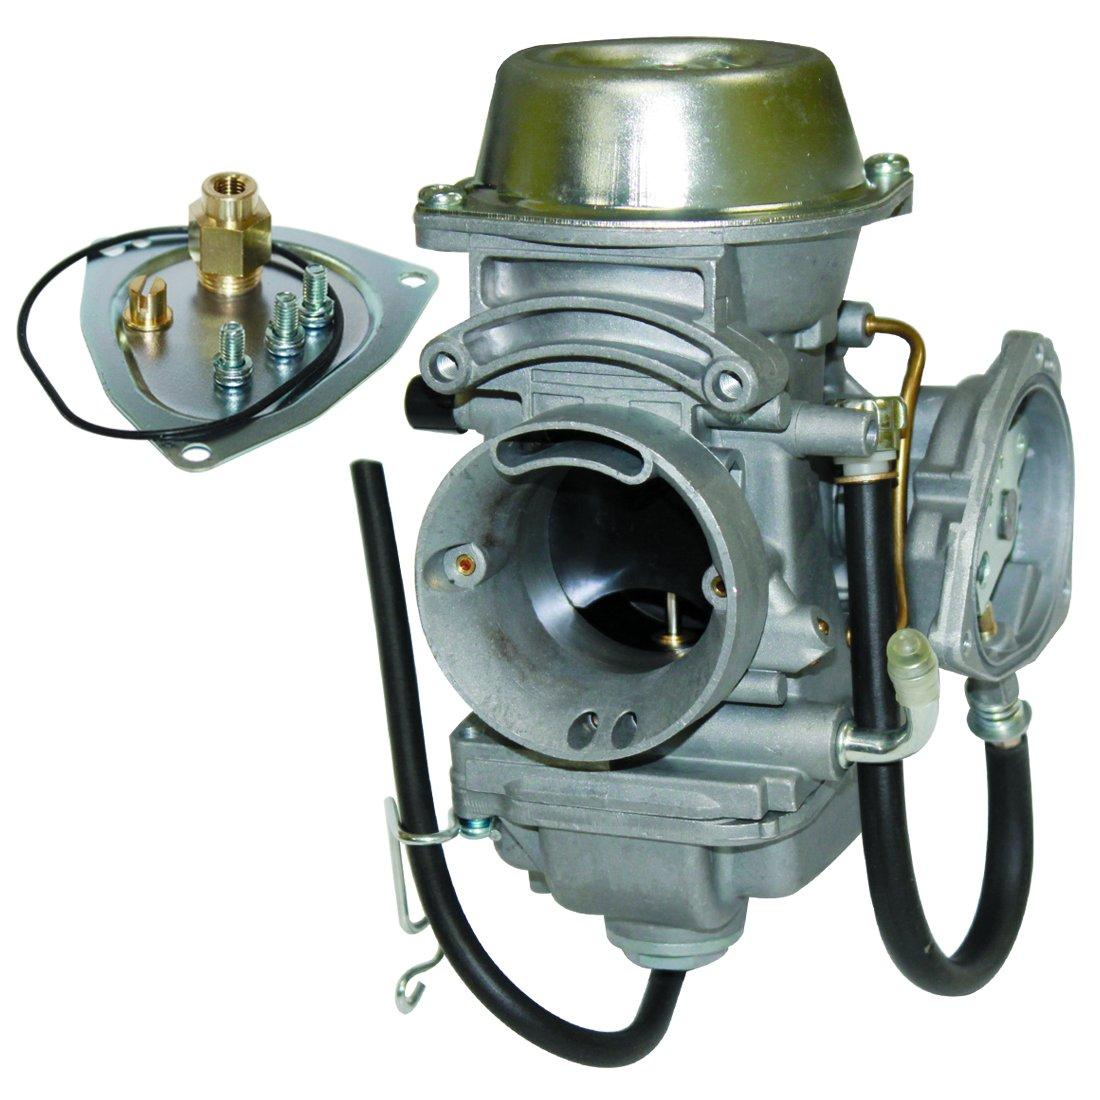 Carburetor Carb For 2001 2002 2003 2004 2005 Polaris Sportsman 400 4X4 QUAD ATV